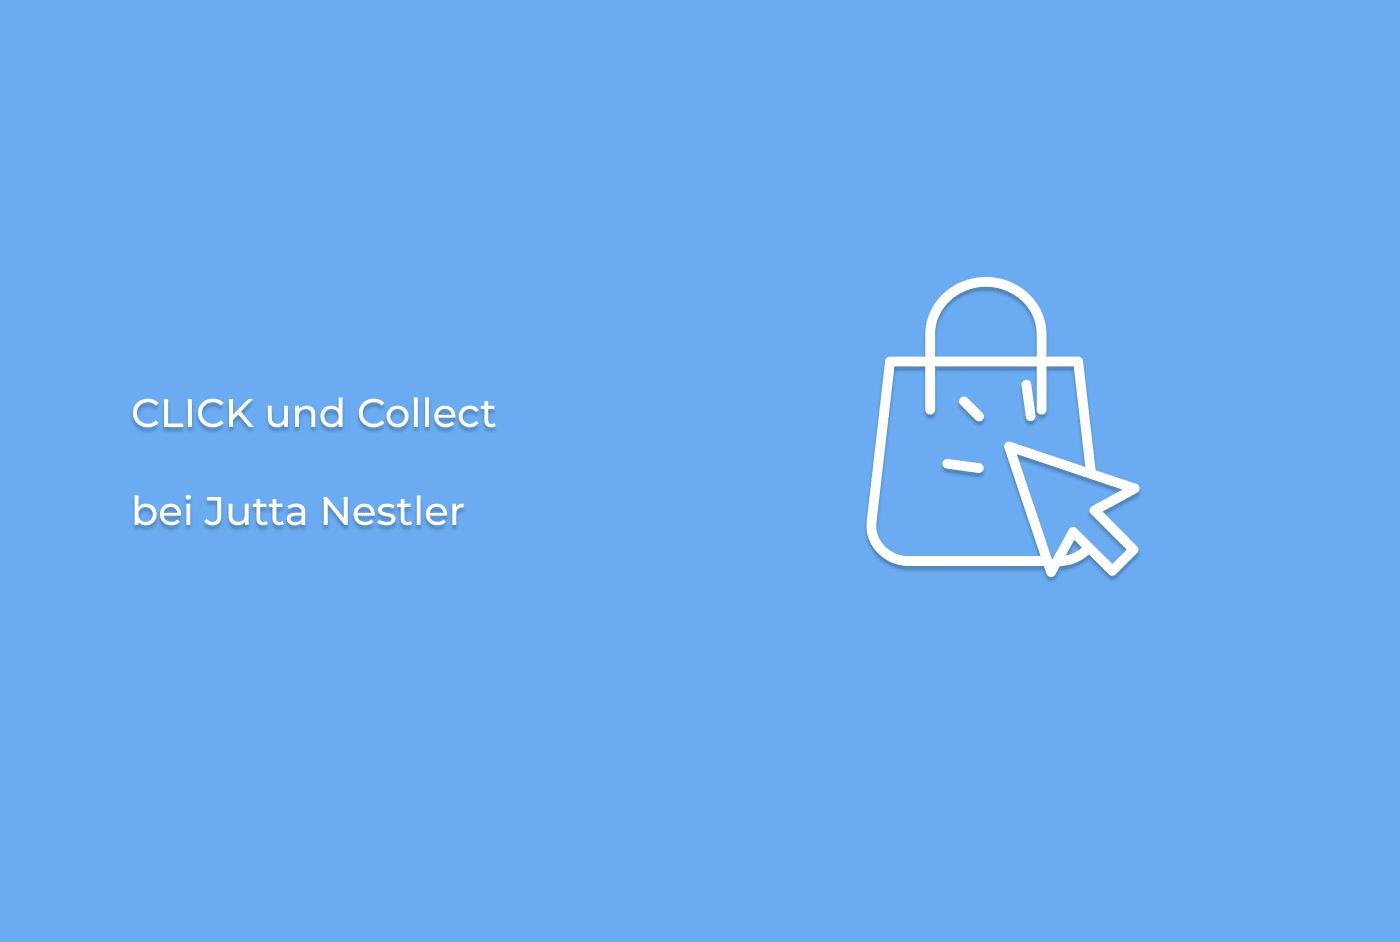 click und collect Jutta Nestler